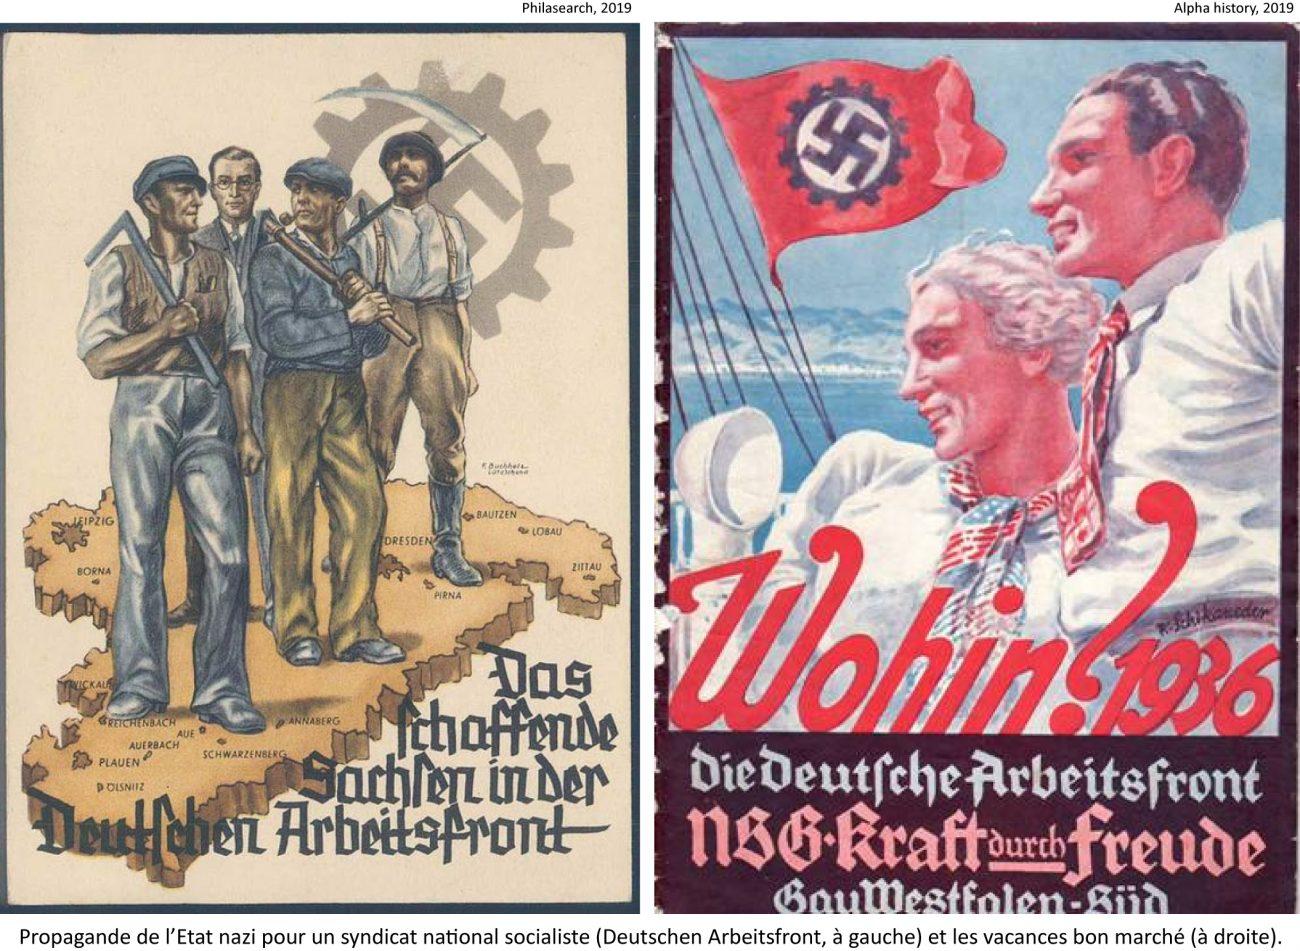 ventdouxprod 2019 nicolas barbier ni un détail ni un curieux hasard de l'histoire propagande nazie pour le travail et les vacances